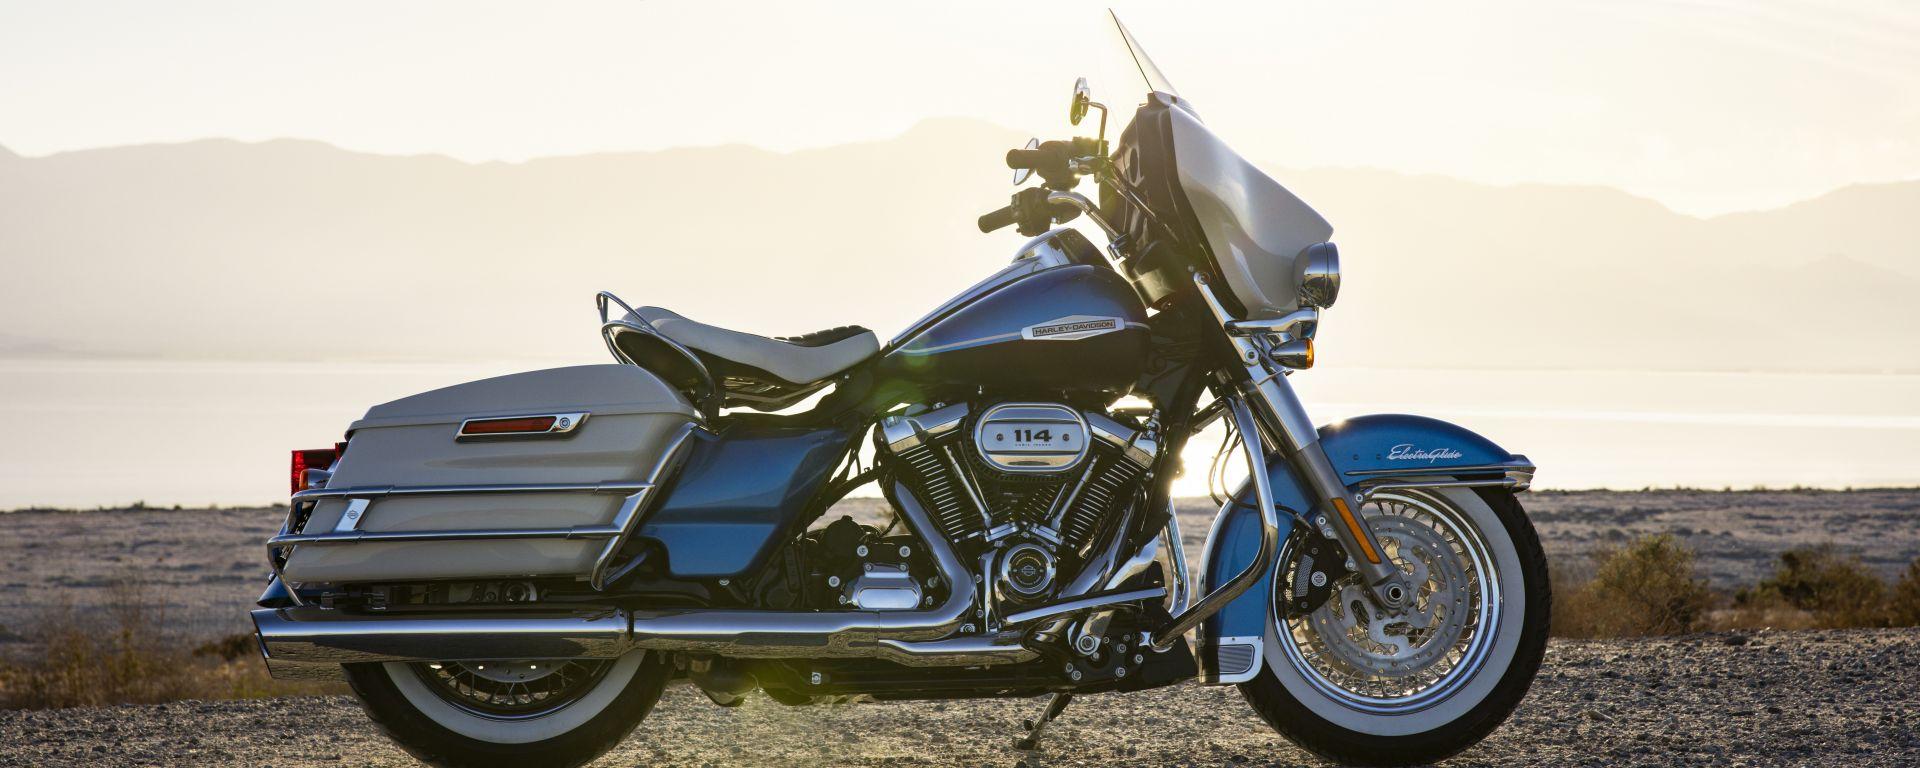 Harley-Davidson Electra Glide Revival 2021